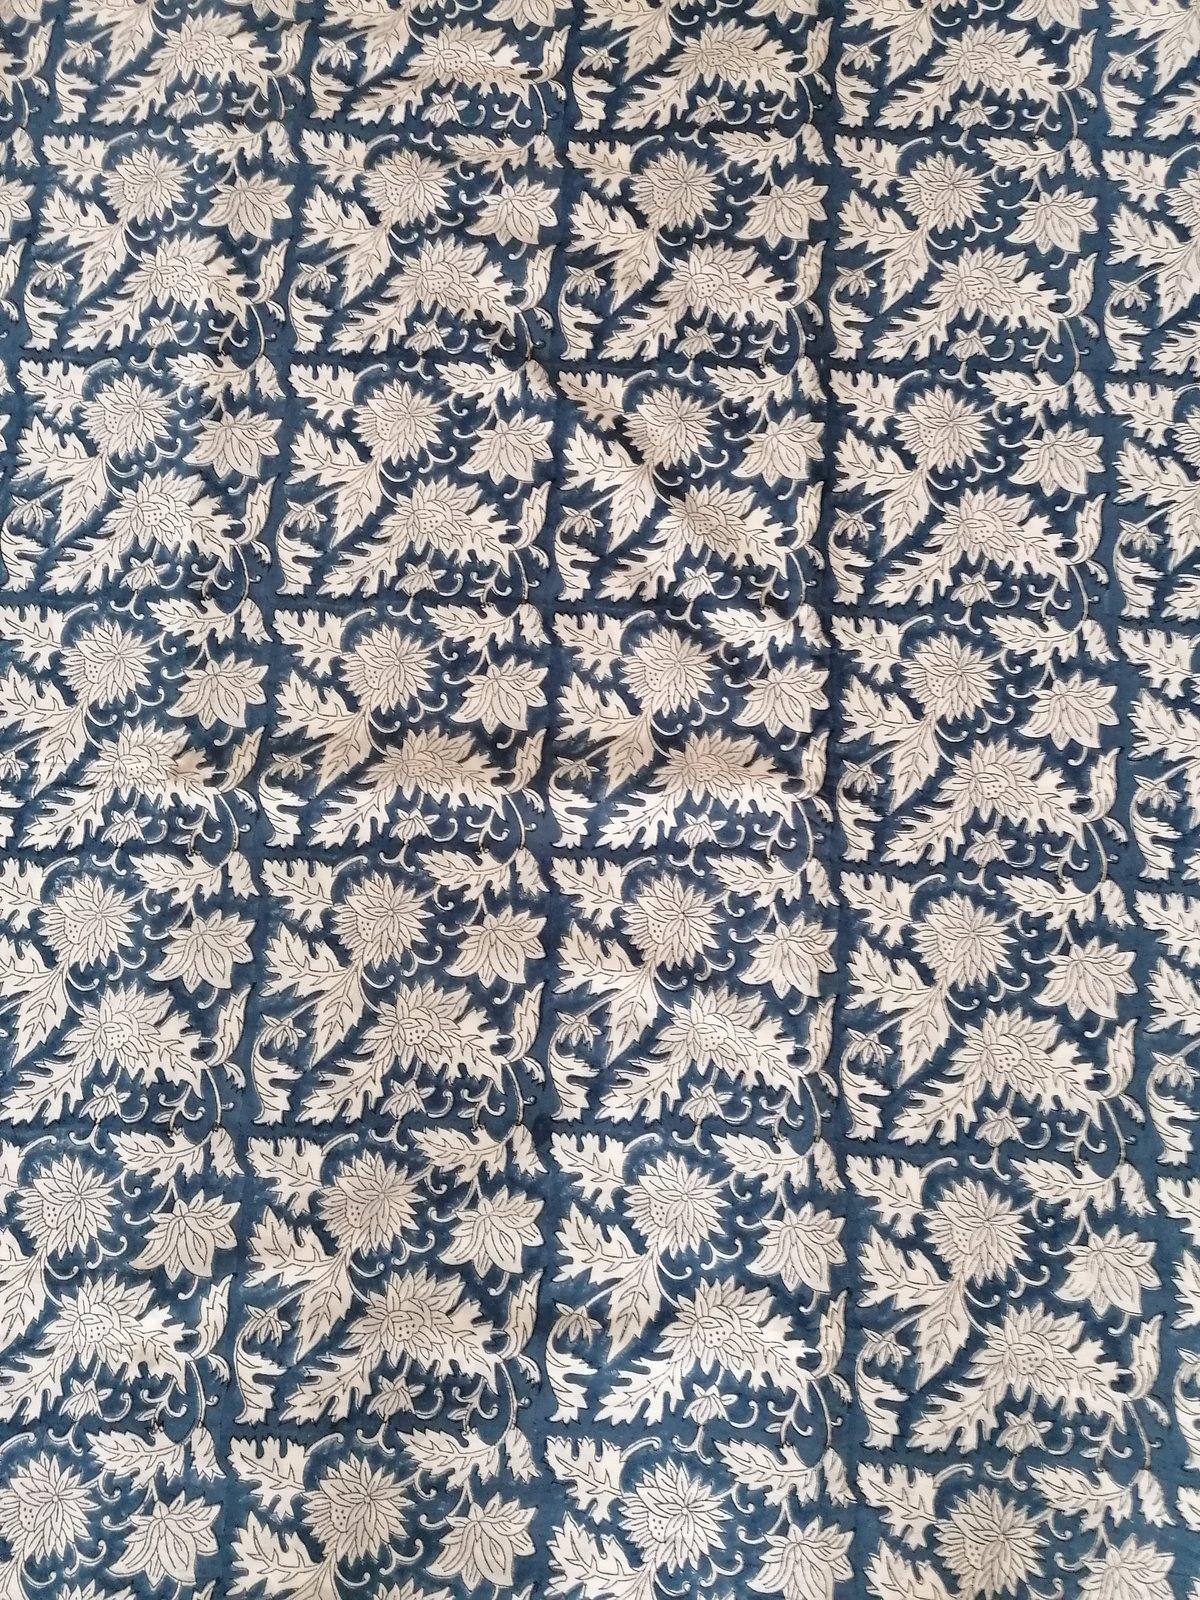 Image of Namasté fabric bleu marine